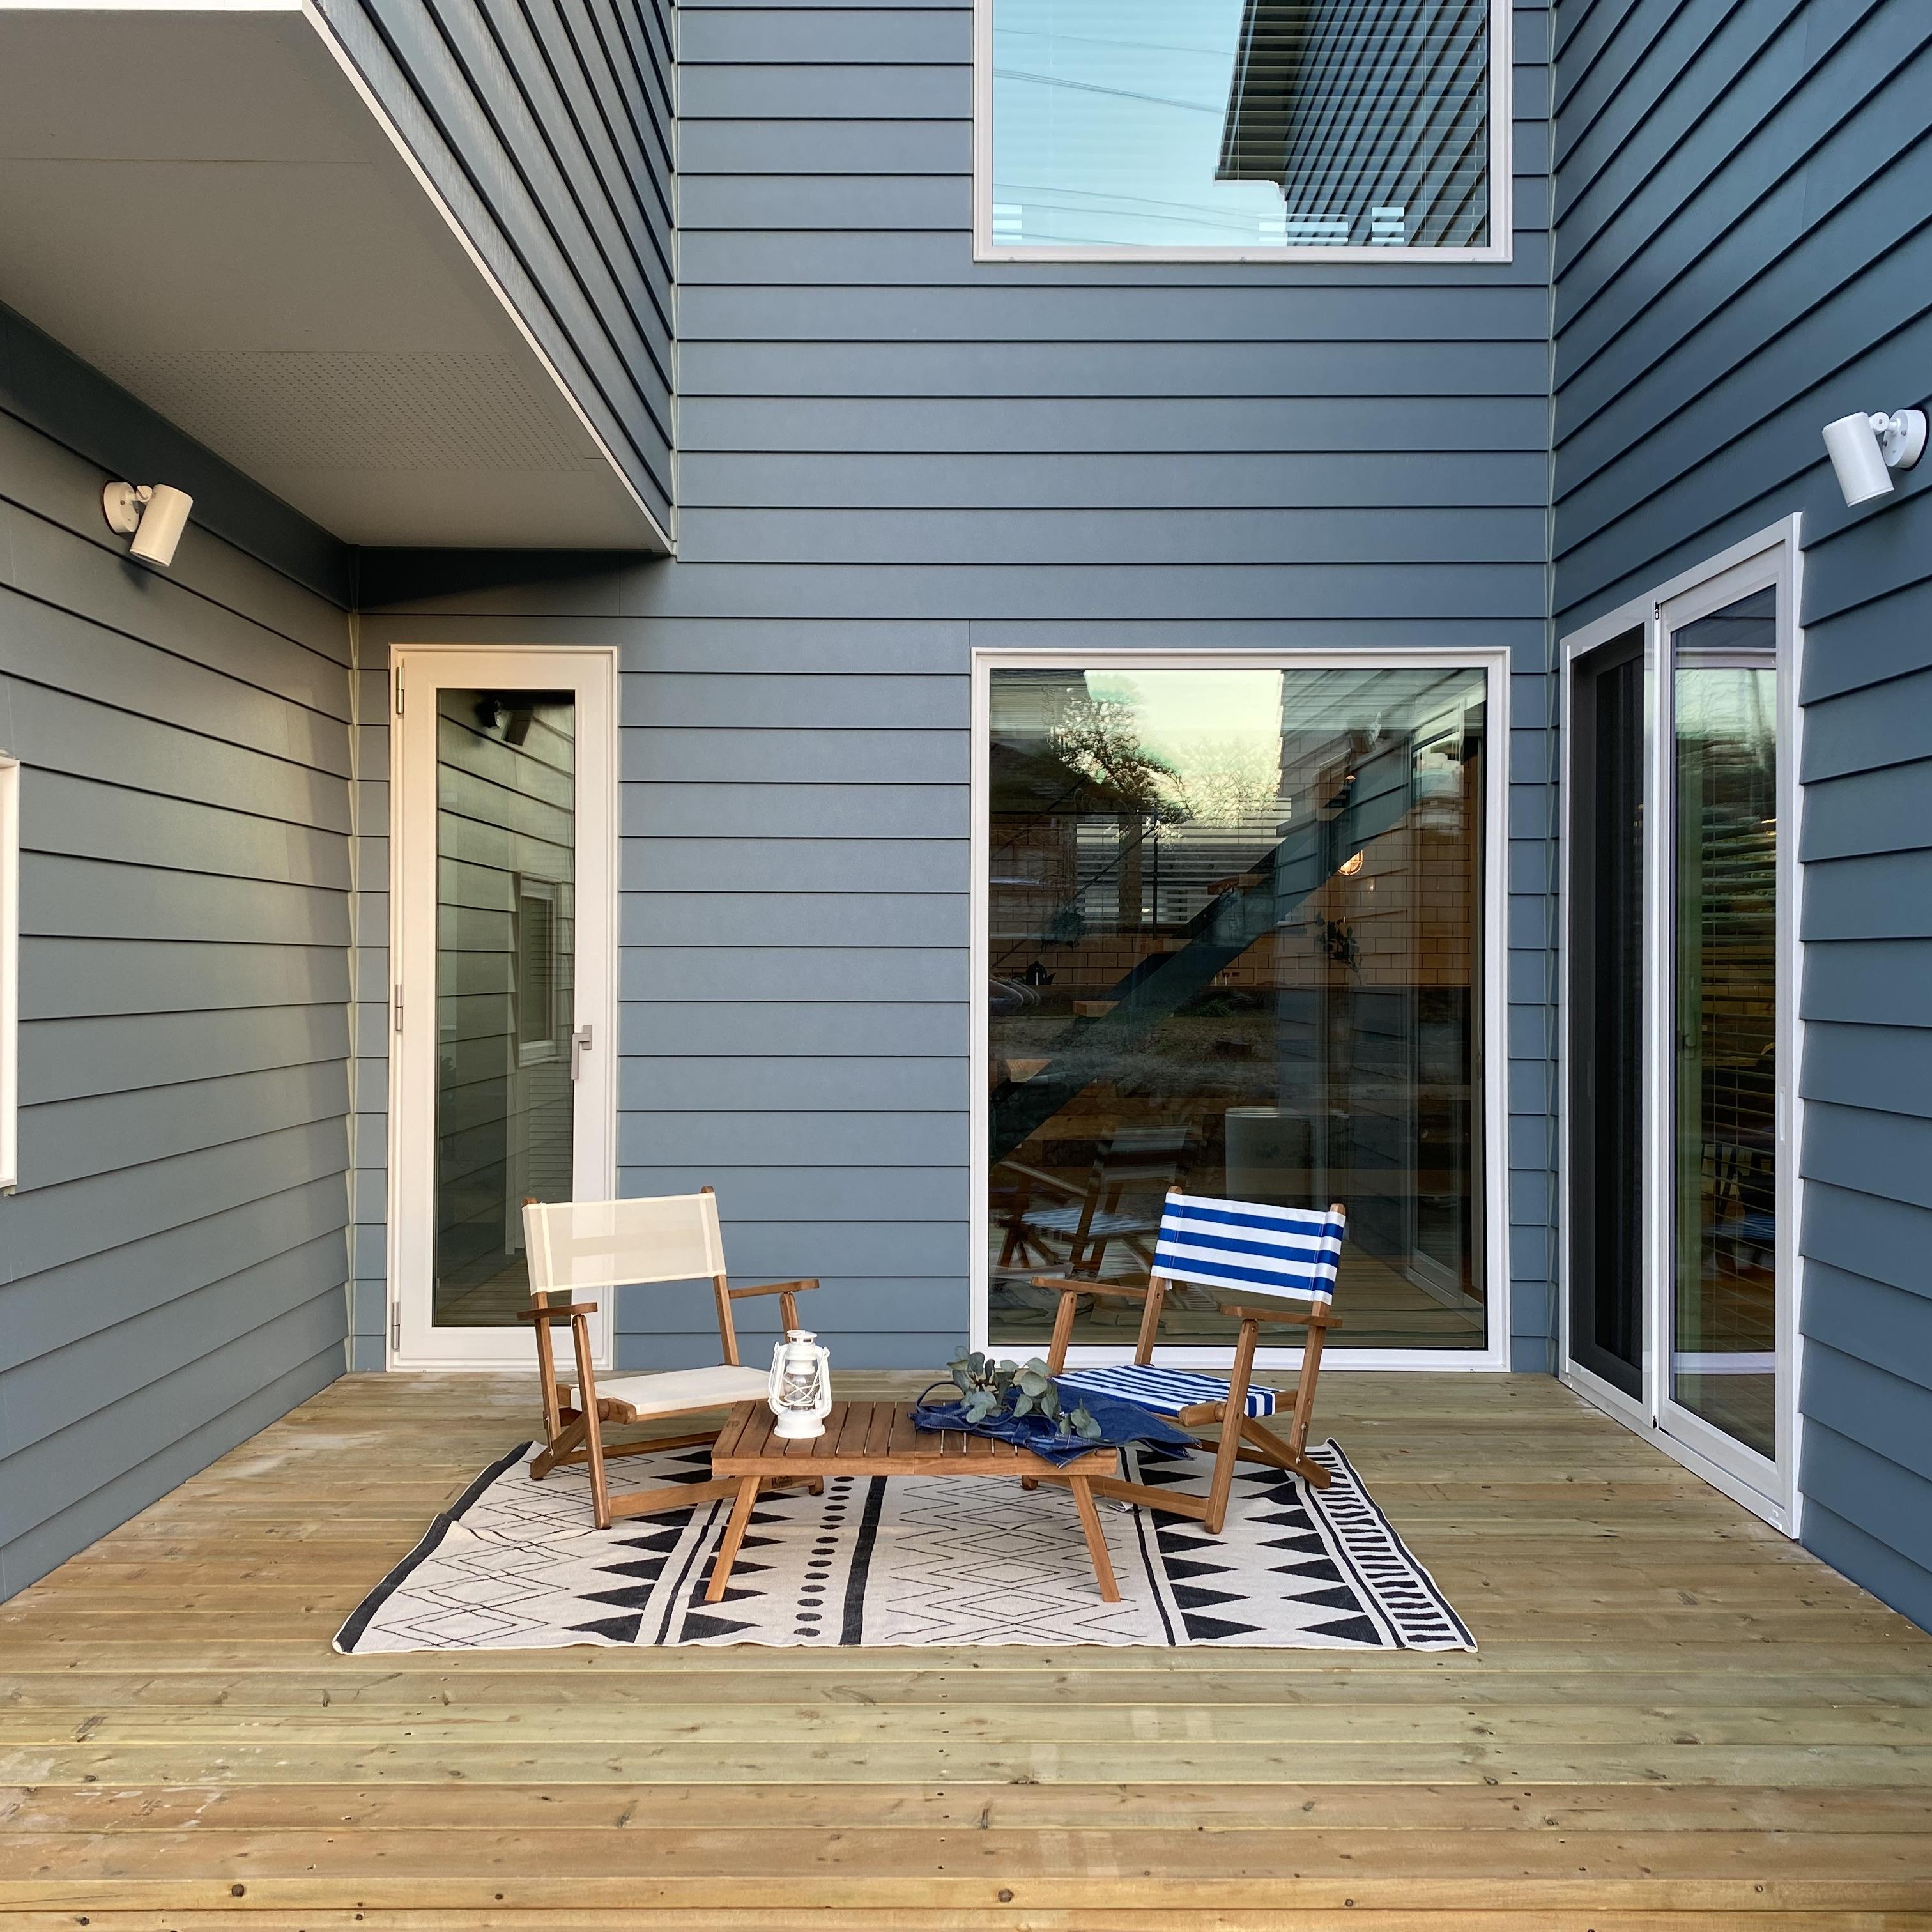 山梨県の工務店、未来建築工房とつくる注文住宅。|カリフォルニアスタイルの家に工務店集結!